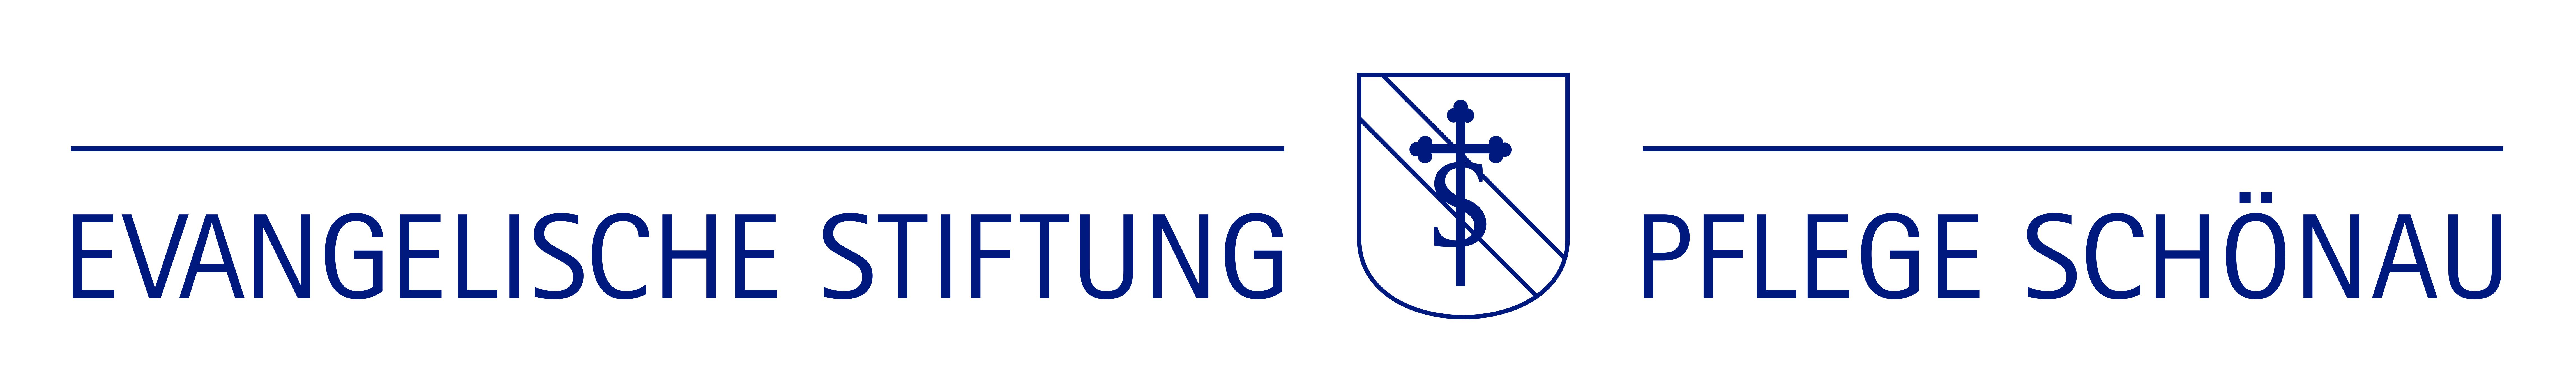 Logo: Evangelische Stiftung Pflege Schönau